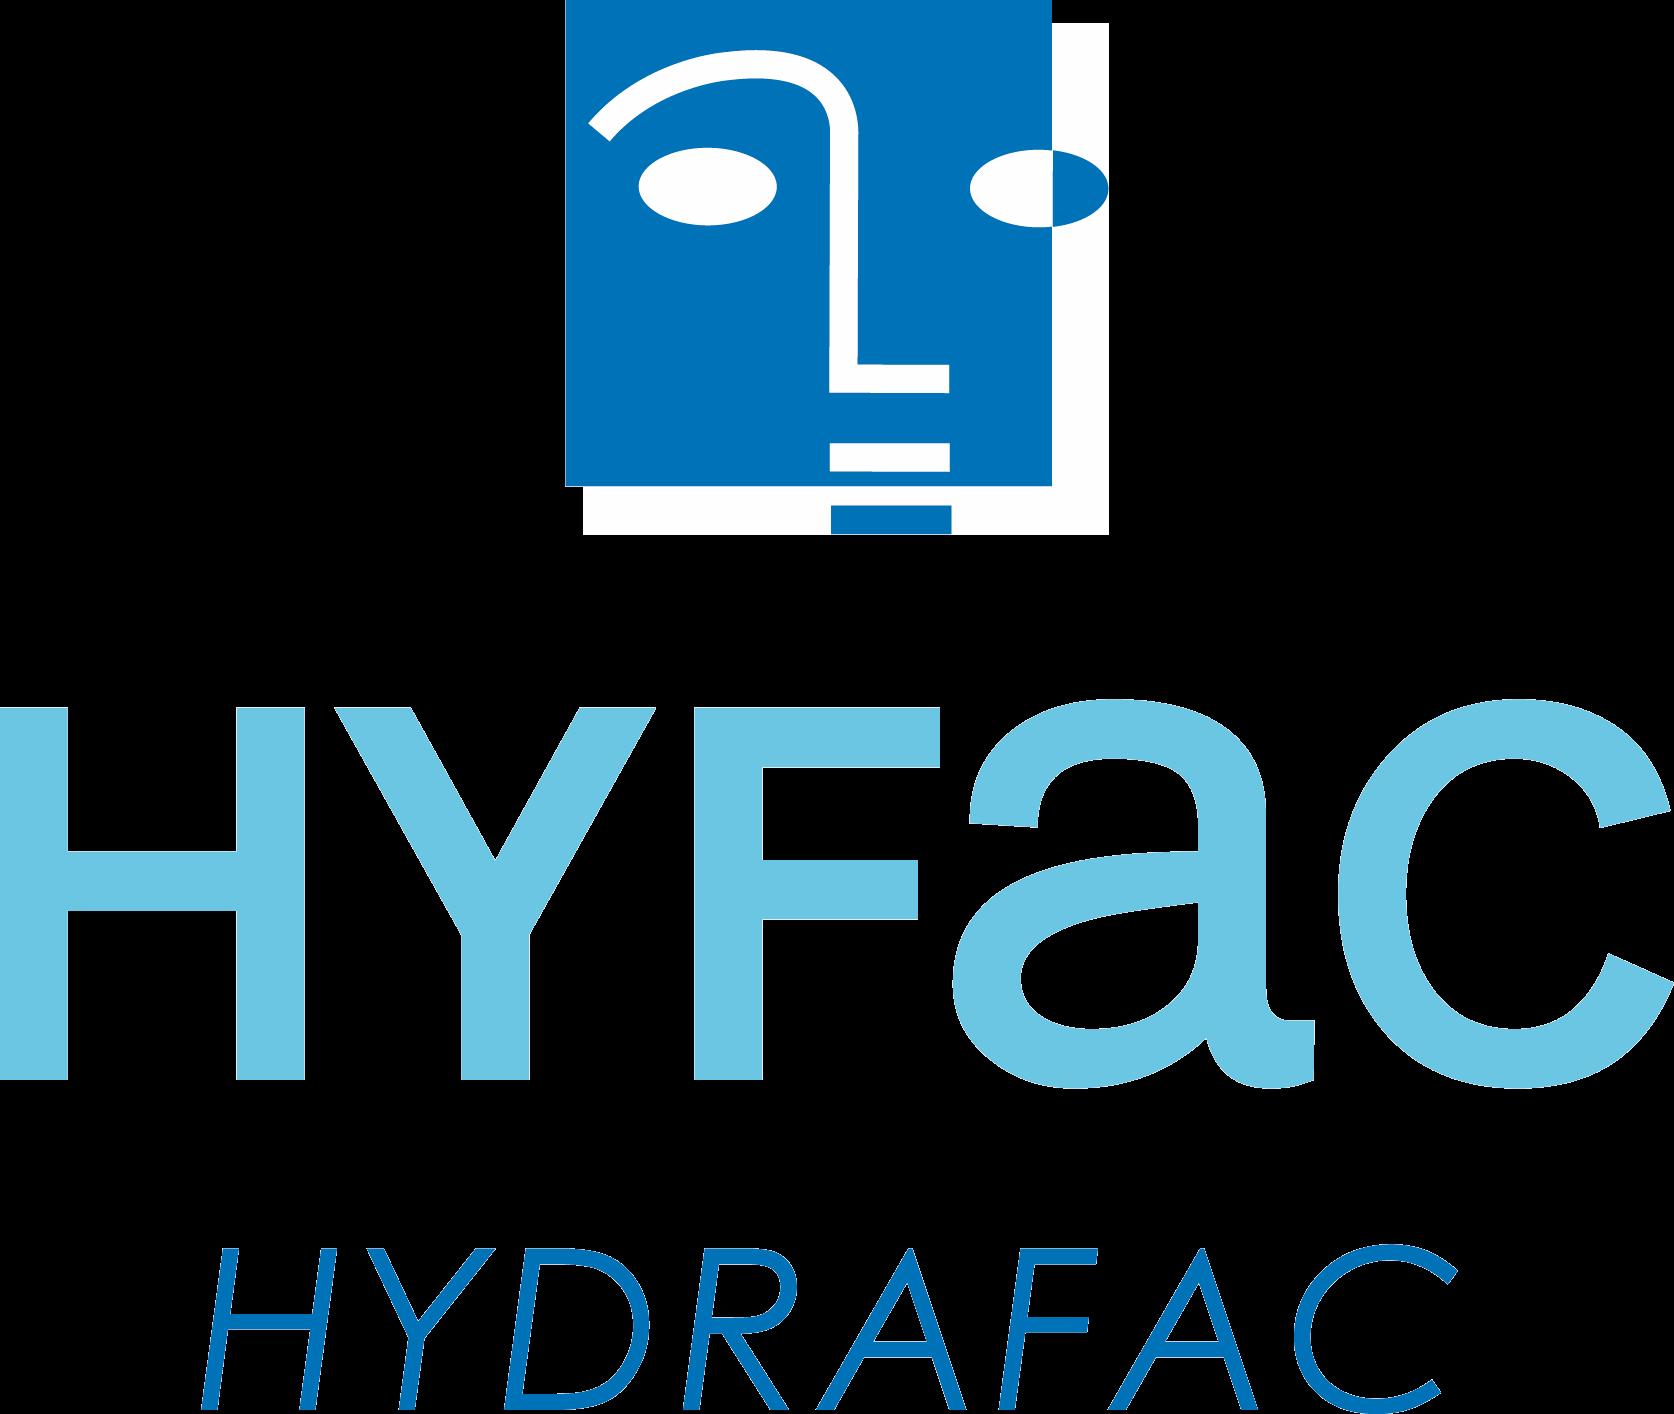 logo Hydrafac